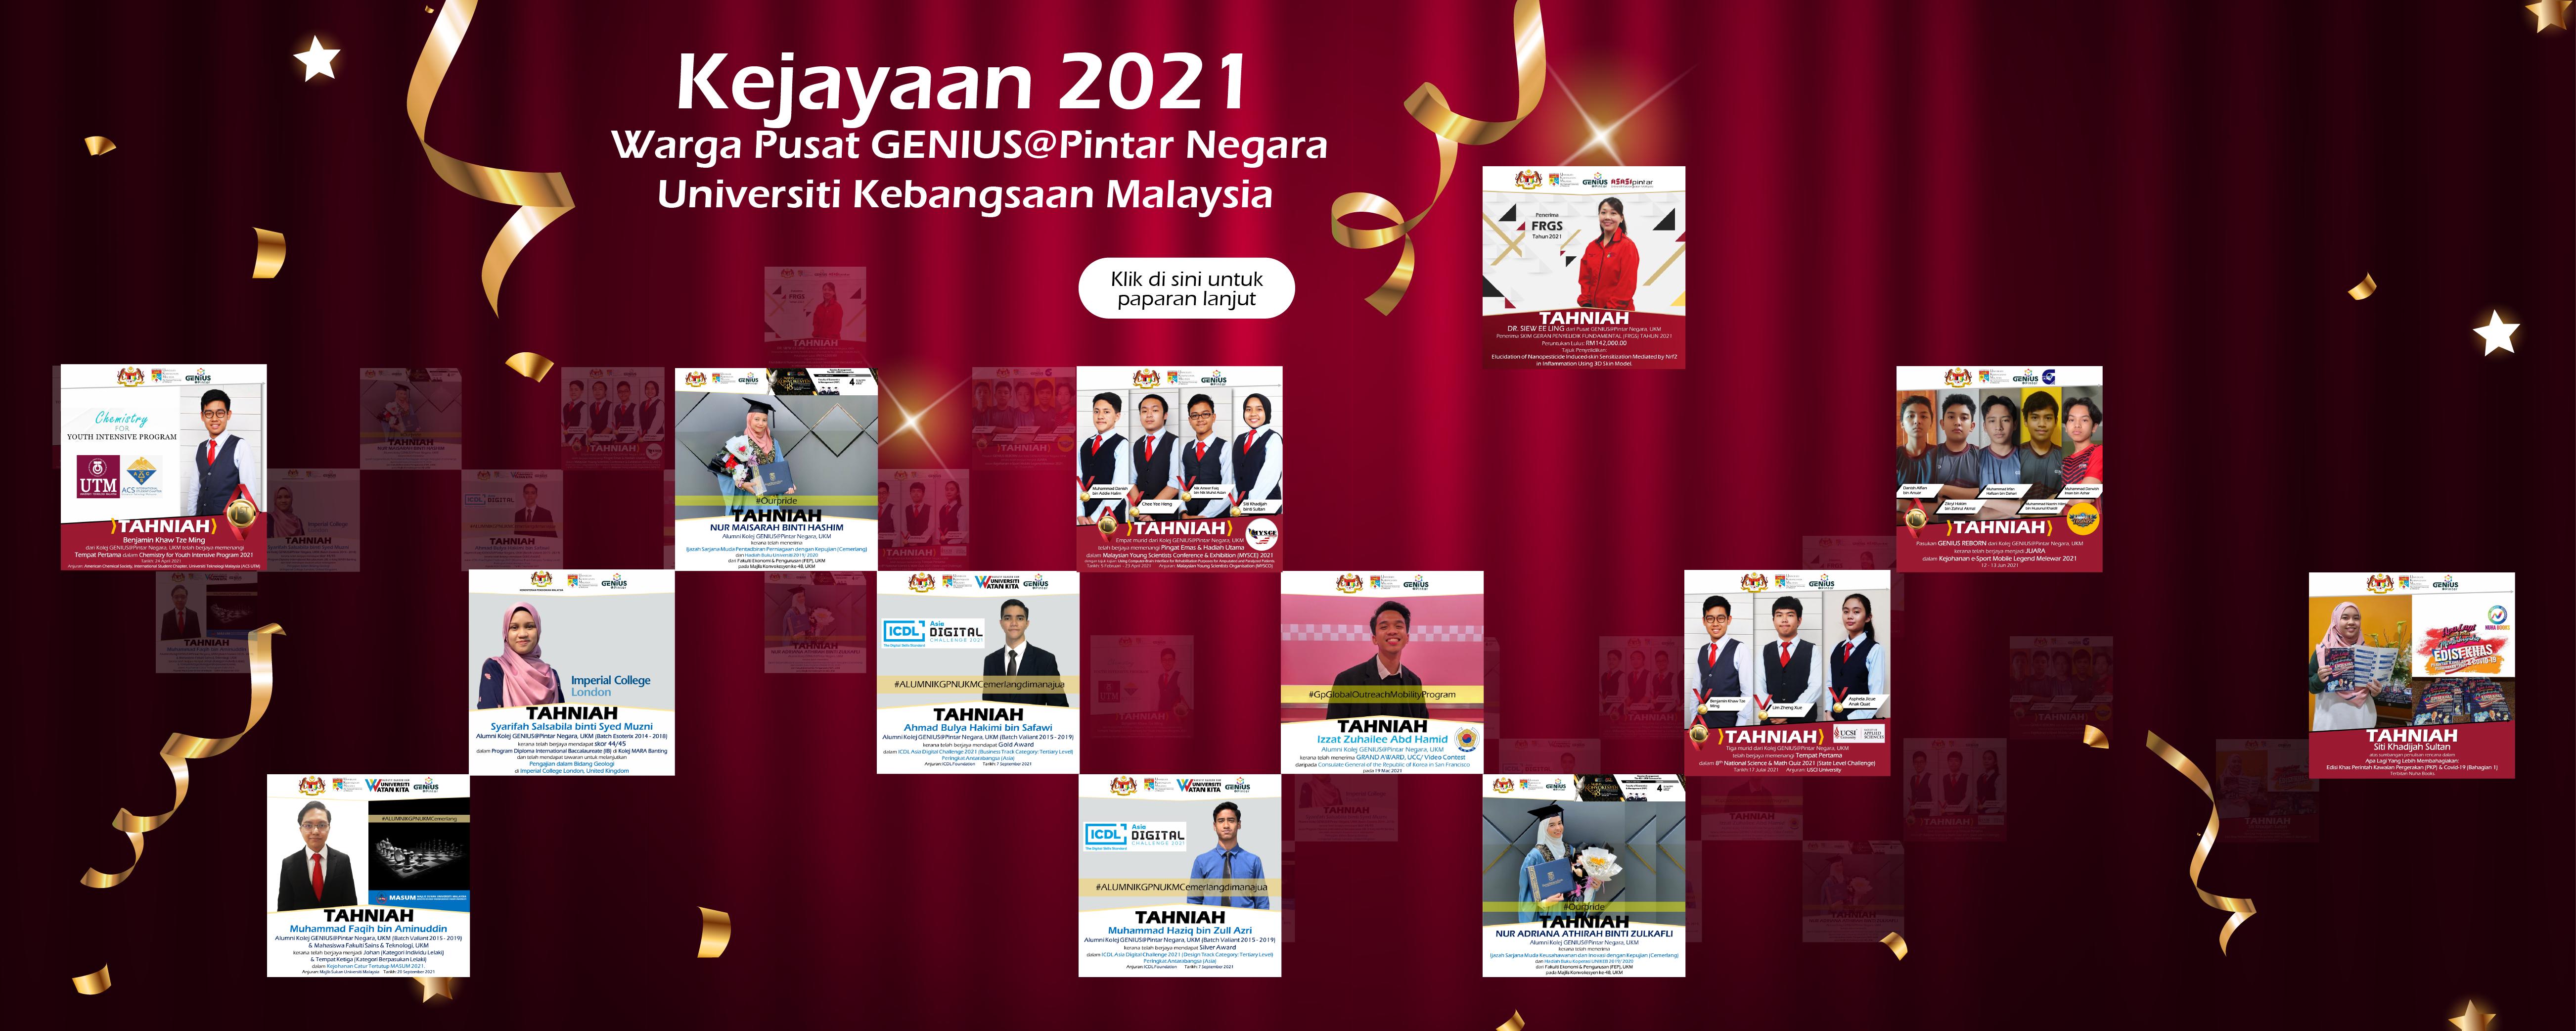 Kejayaan 2021